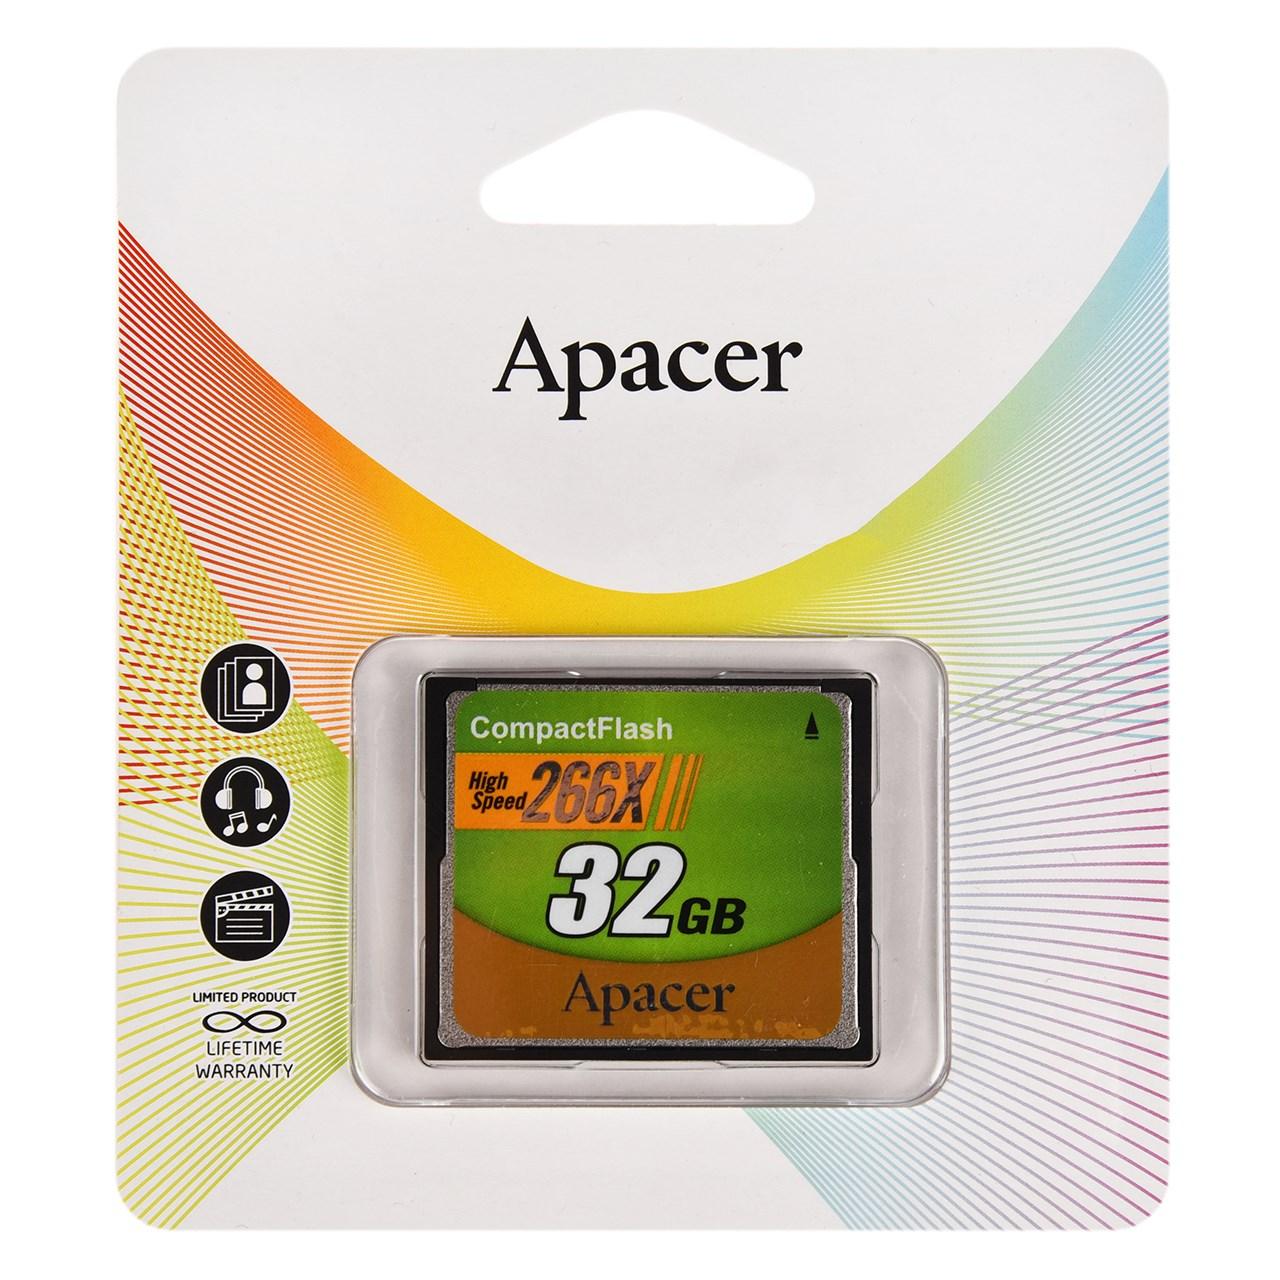 کارت حافظه CF اپیسر مدل High Speed سرعت 266X ظرفیت 32 گیگابایت